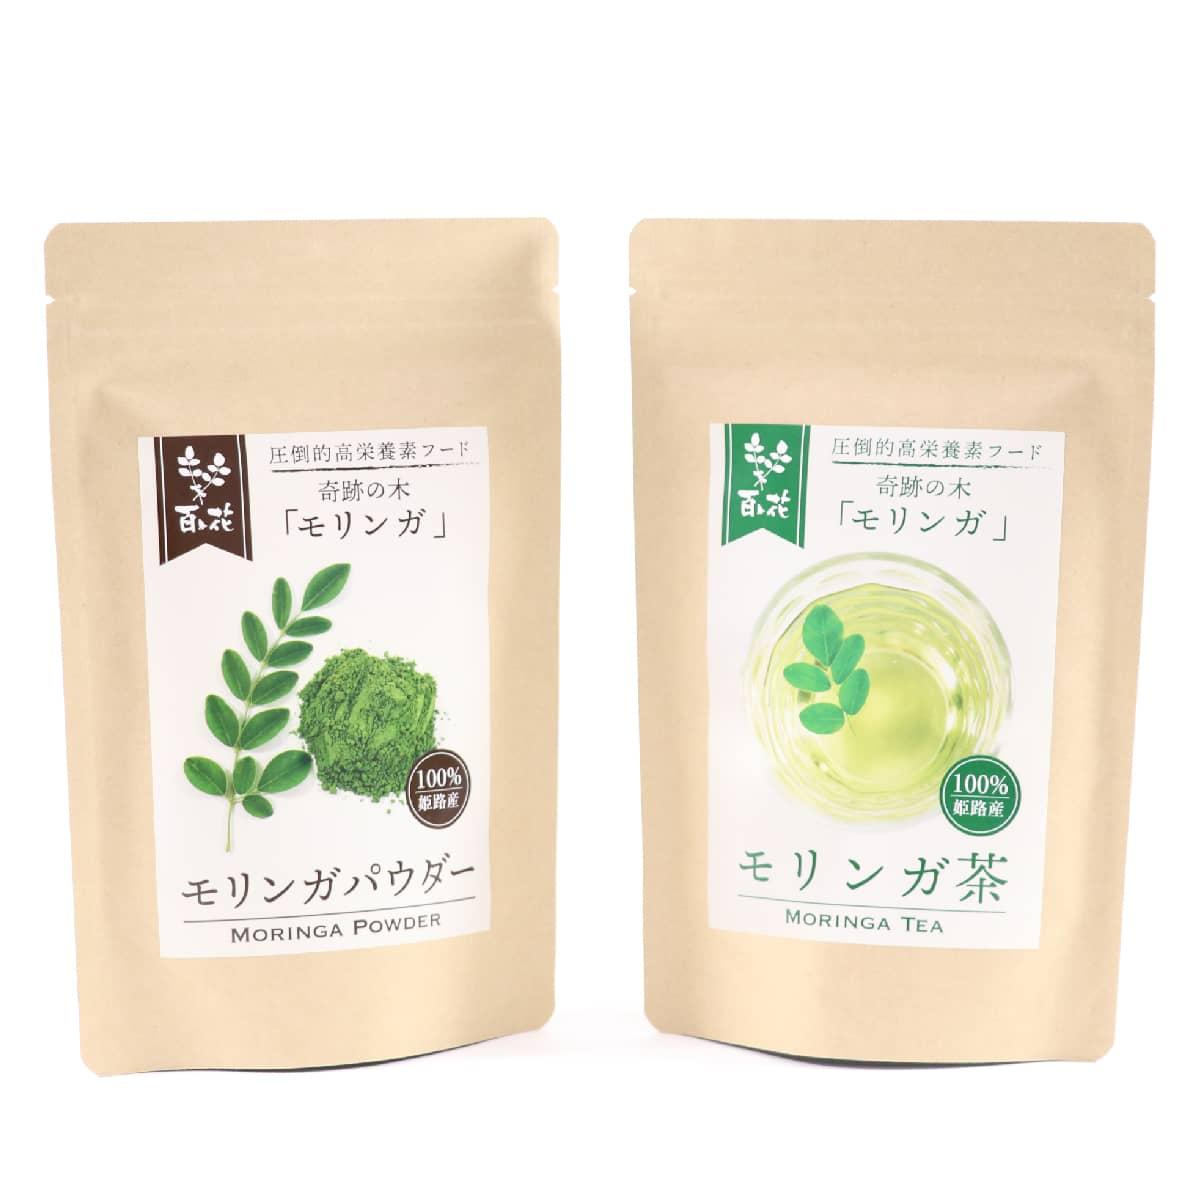 お茶(2g×20包)&パウダー(60g) 各1パックセット